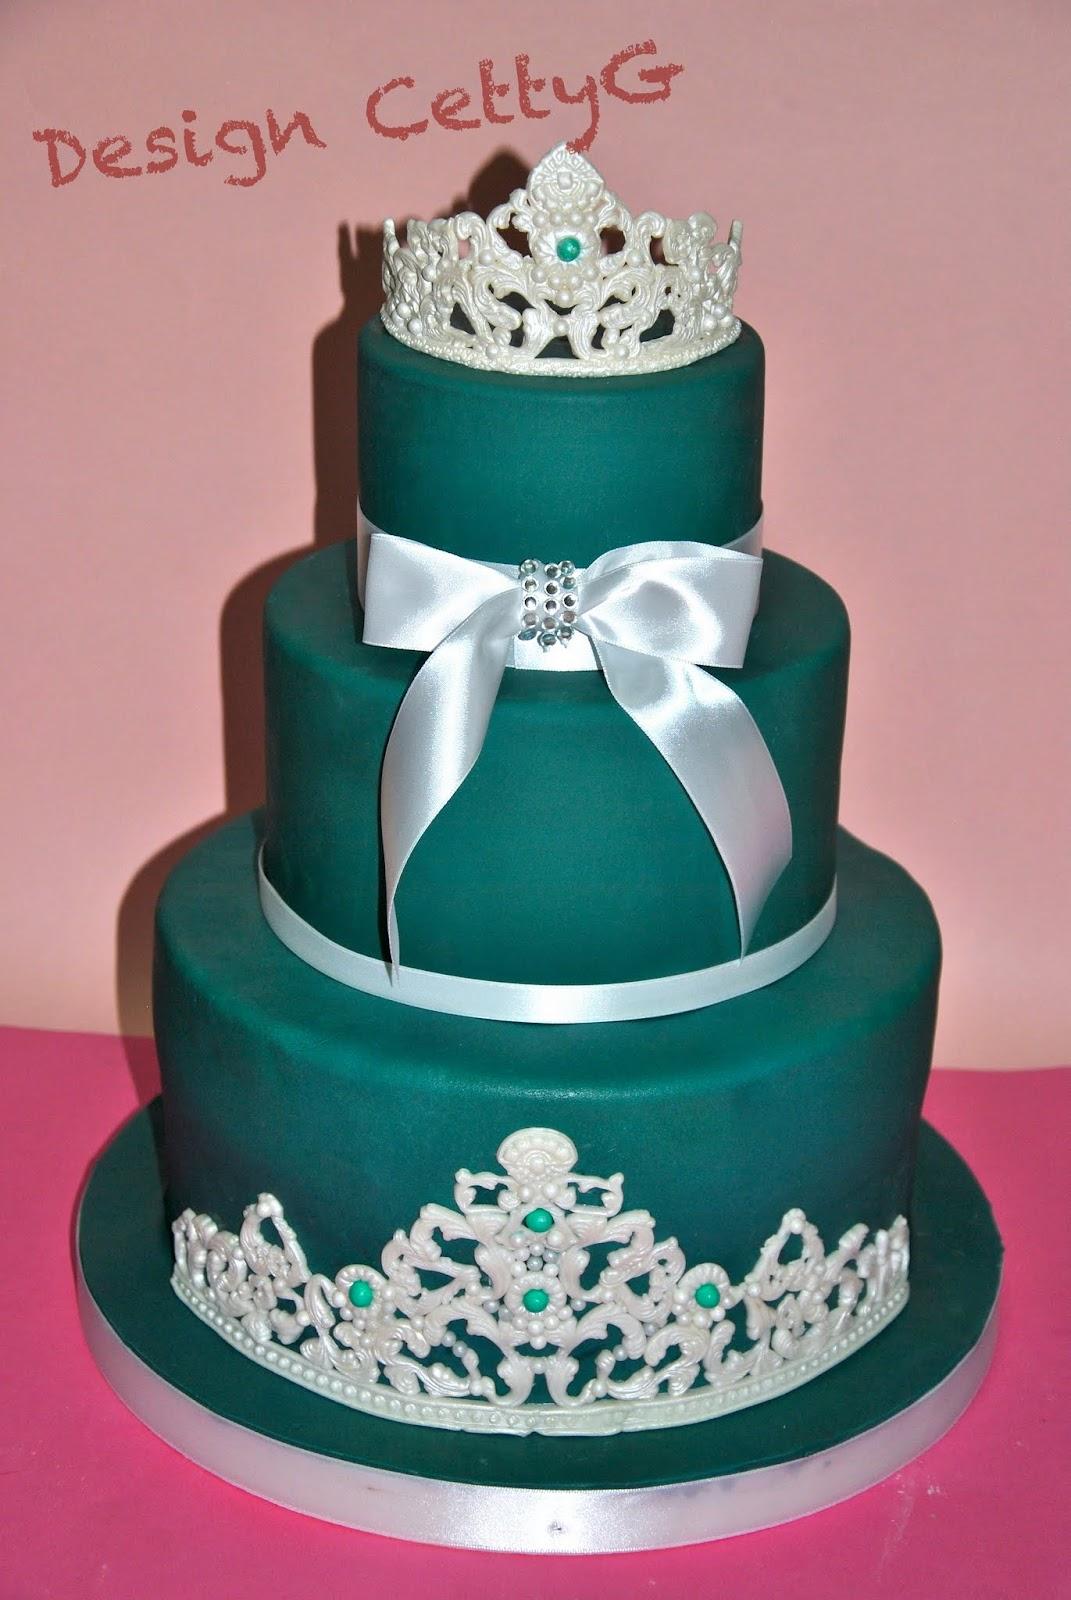 Le torte decorate di cetty g 18 compleanno da for Torte 18 anni ragazzo